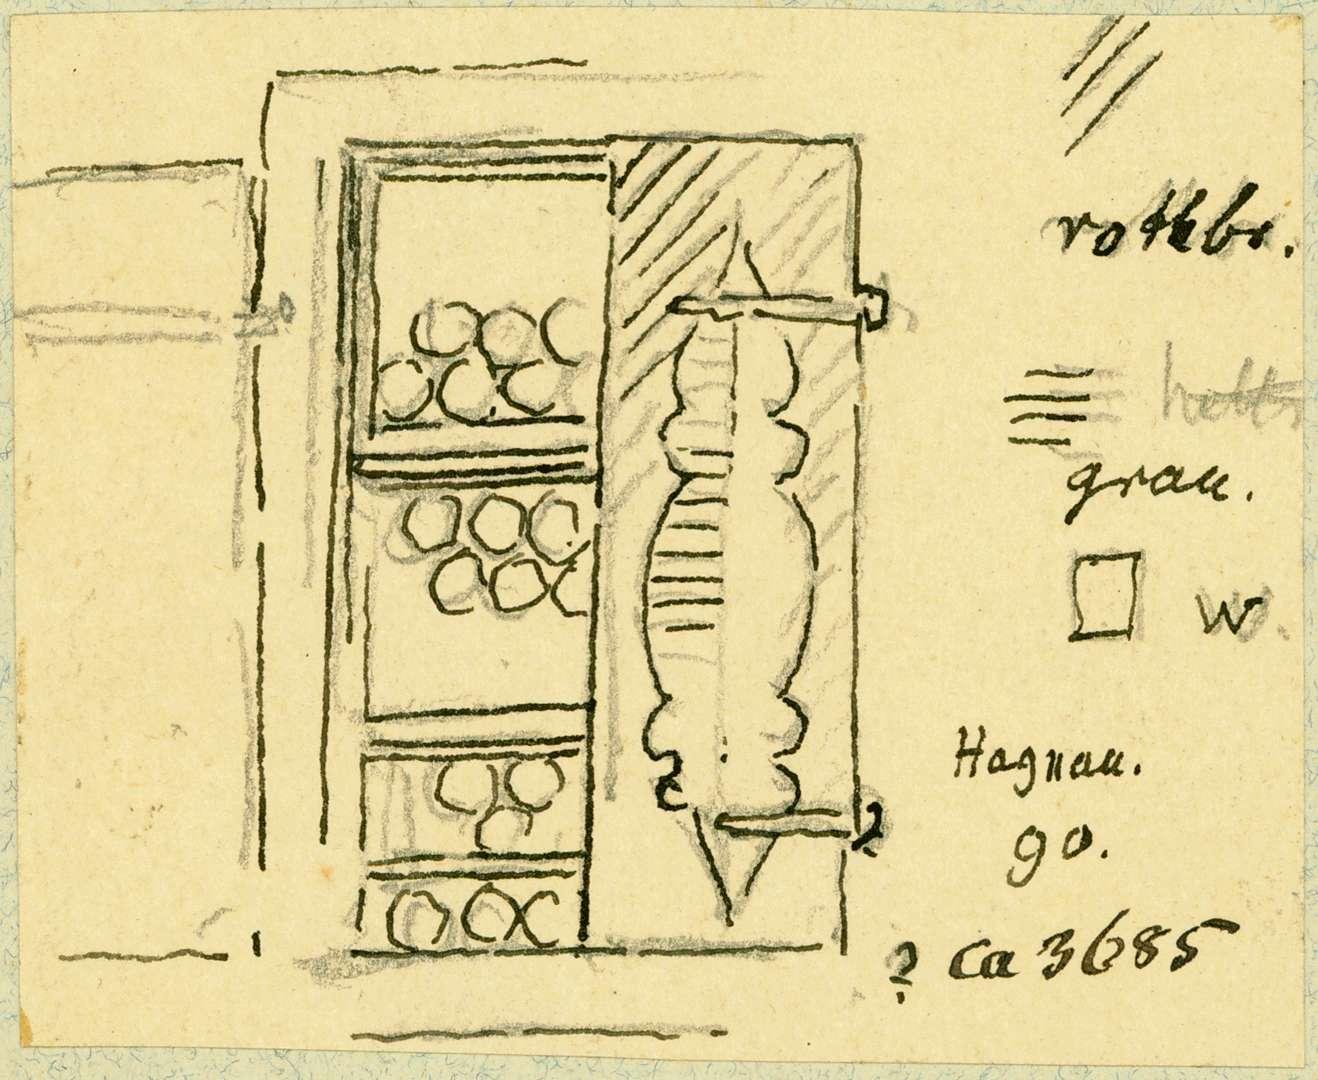 Hagnau Halbgeschlossenes Fenster mit Läden, Bild 1